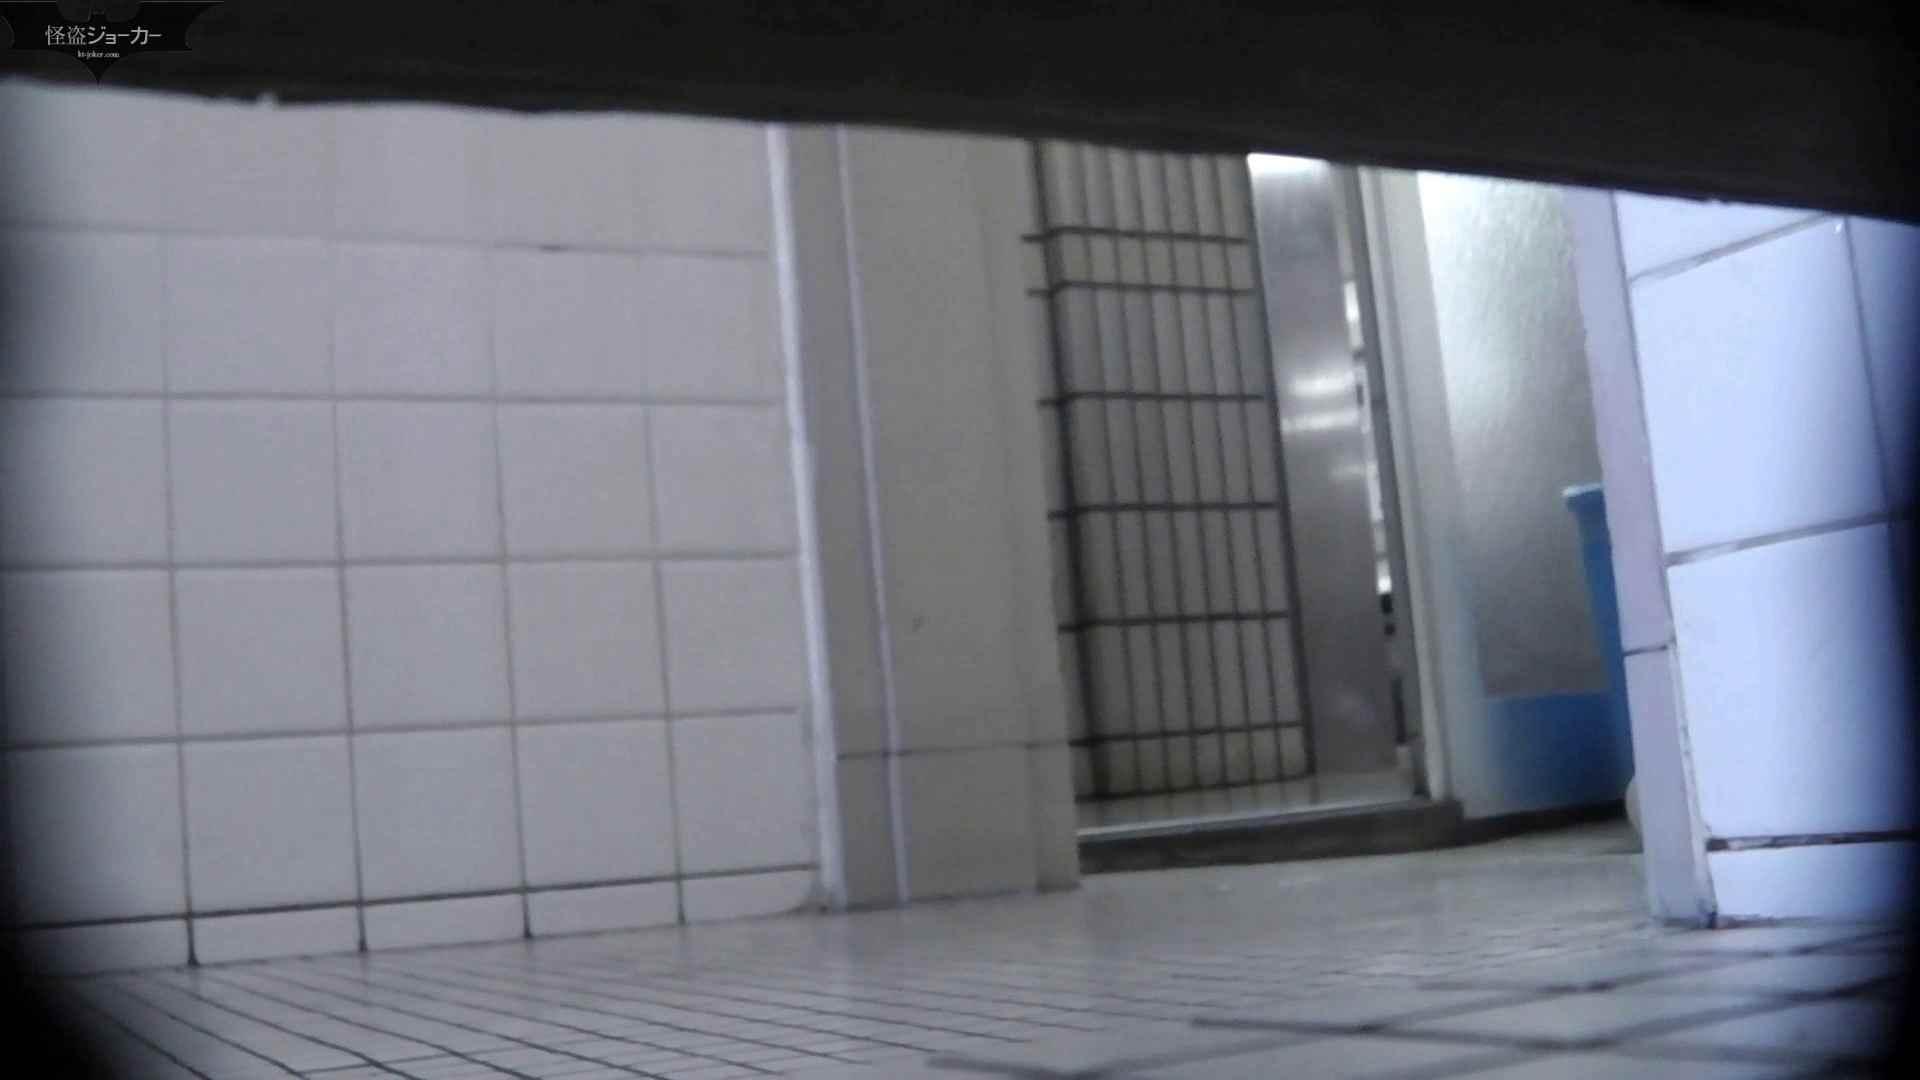 【美しき個室な世界】洗面所特攻隊 vol.051 ギャル達 おまんこ動画流出 100枚 86